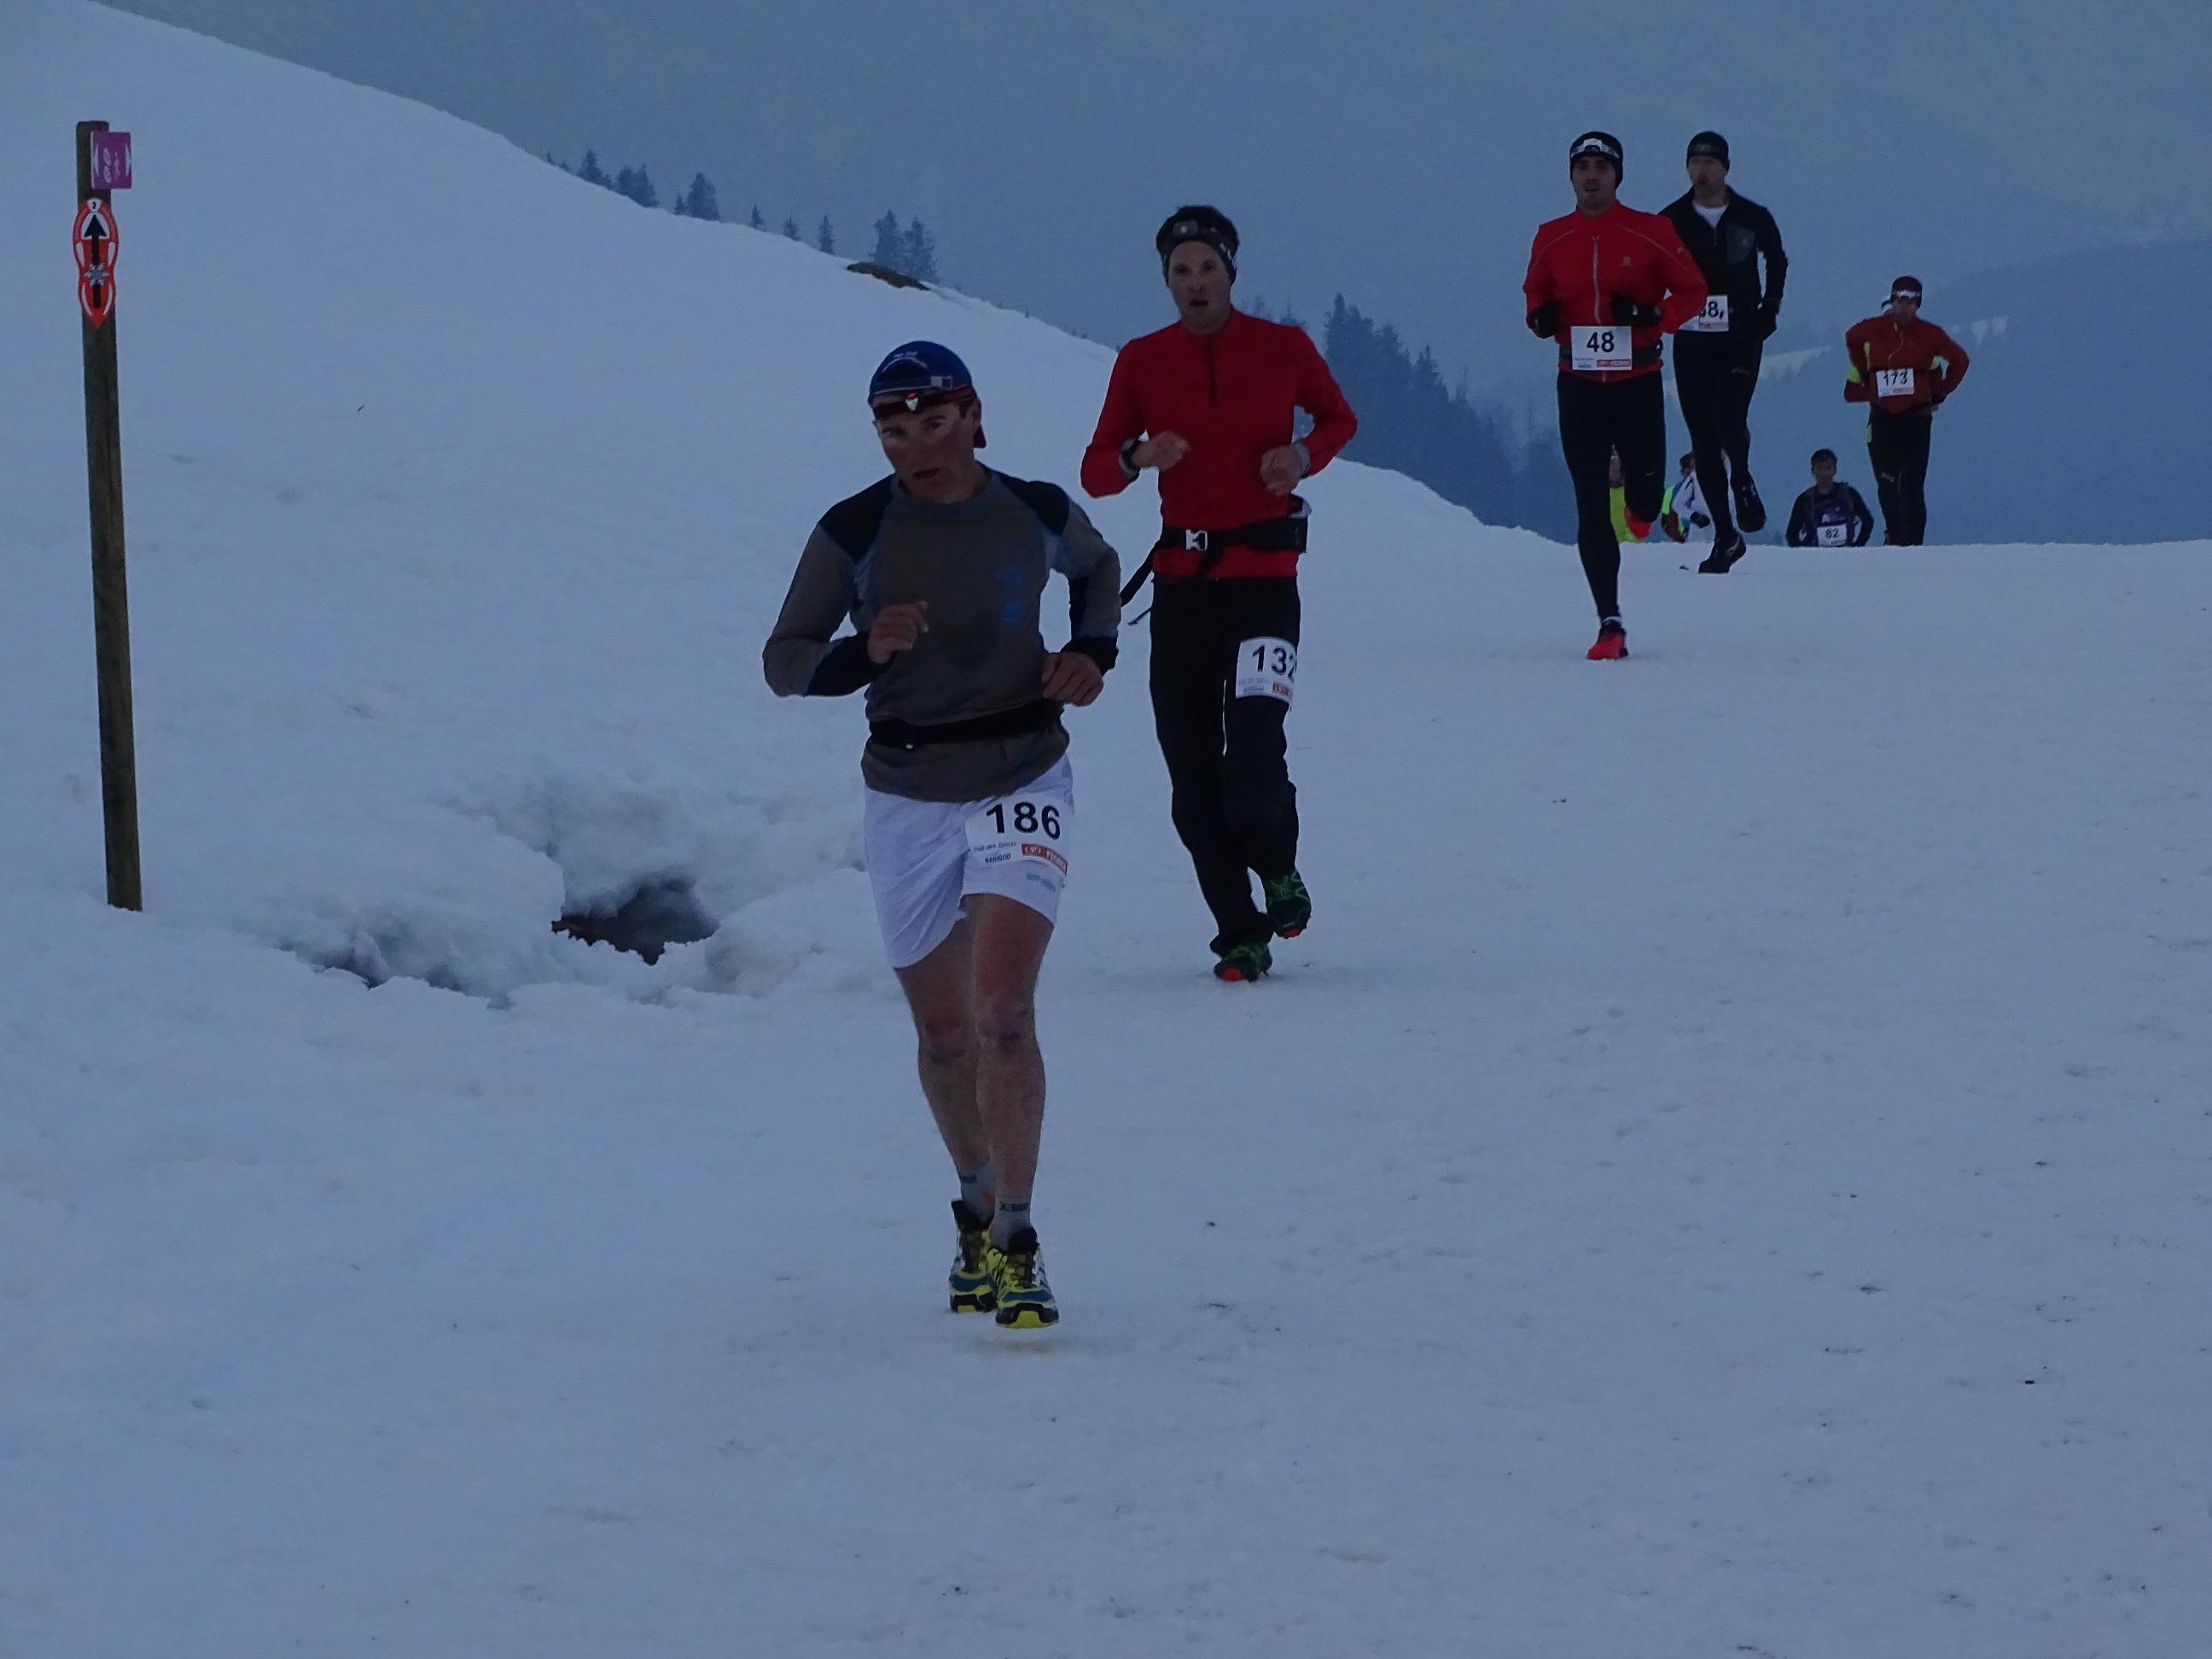 DSC01102 - RESULTATS, COMMENTAIRES ET PHOTOS DU TRAIL DE L'AIGLE BLANC TECNICA / 14-03-15